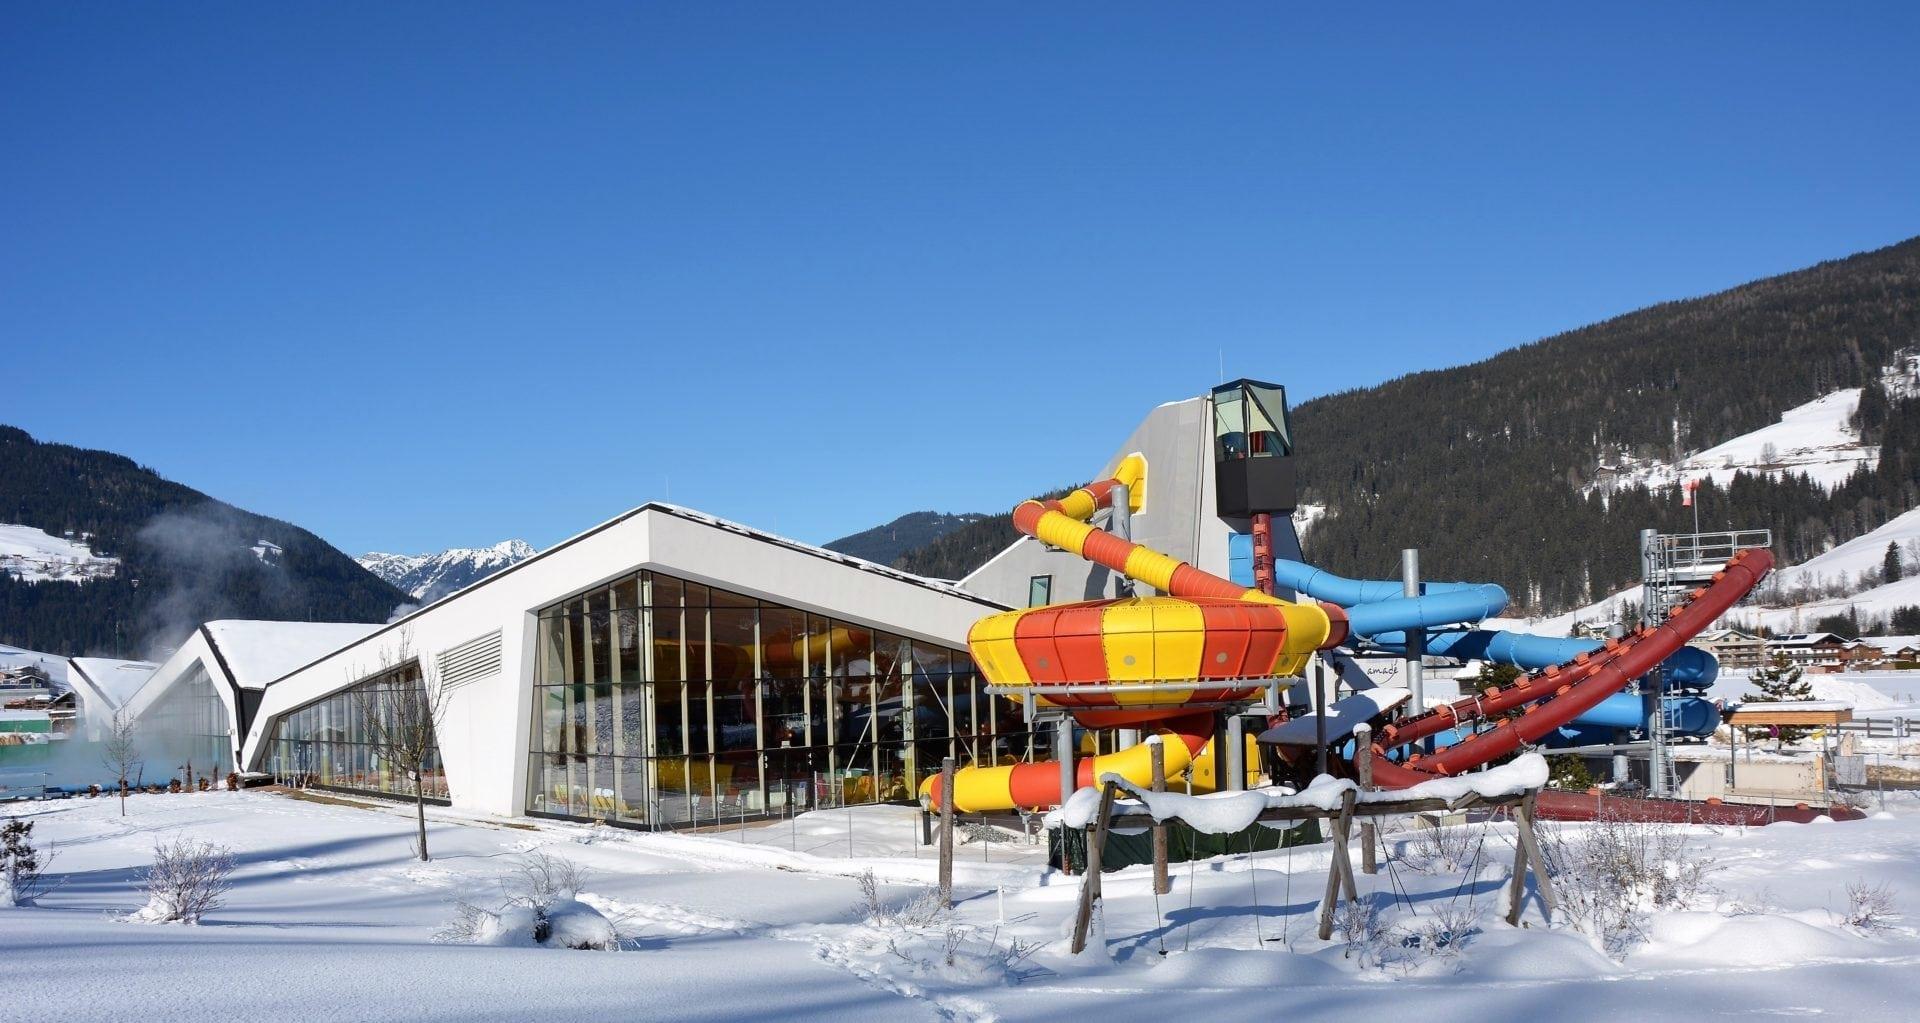 ©Erlebnis-Therme-Amade - Therme von außen im Winter mit Schnee